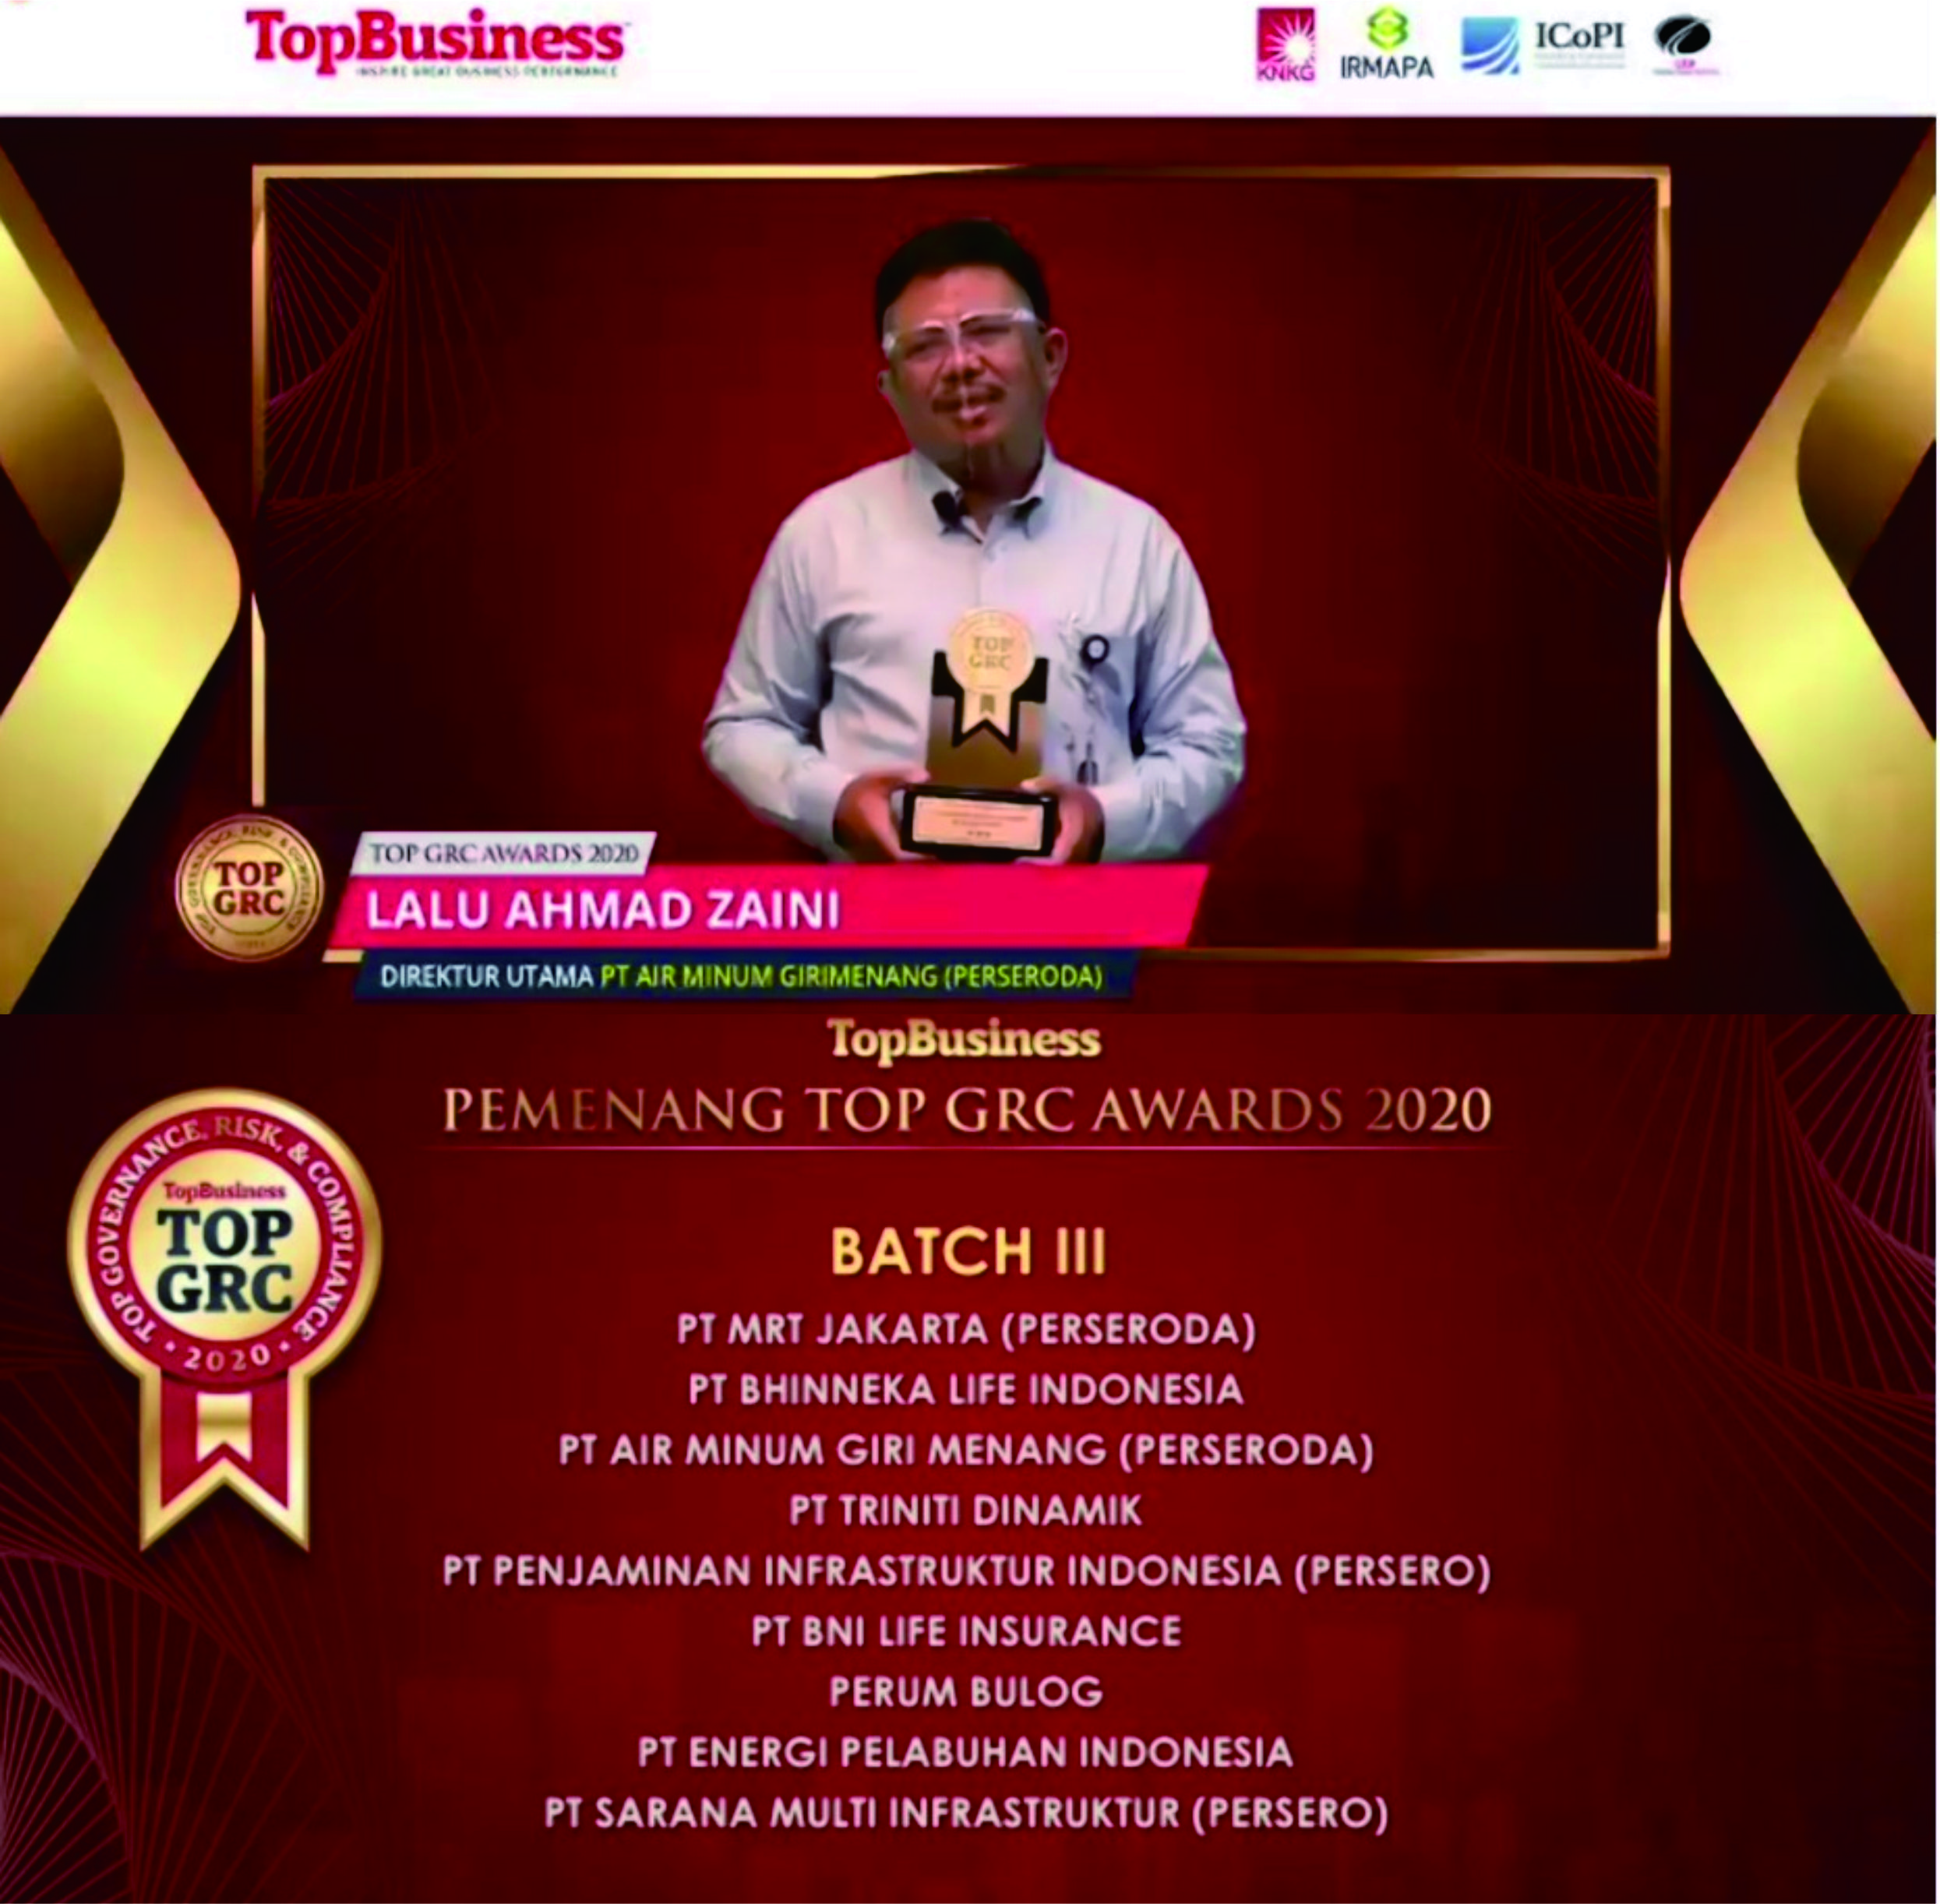 Direktur Utama PT Air Minum Giri Menang Lalu Ahmad Zaini saat menerima penghargaan Top GRC TopBusiness secara virtual. Deretan perusahaan yang mendapatkan penghargaan Top GRC dari majalah TopBusiness.